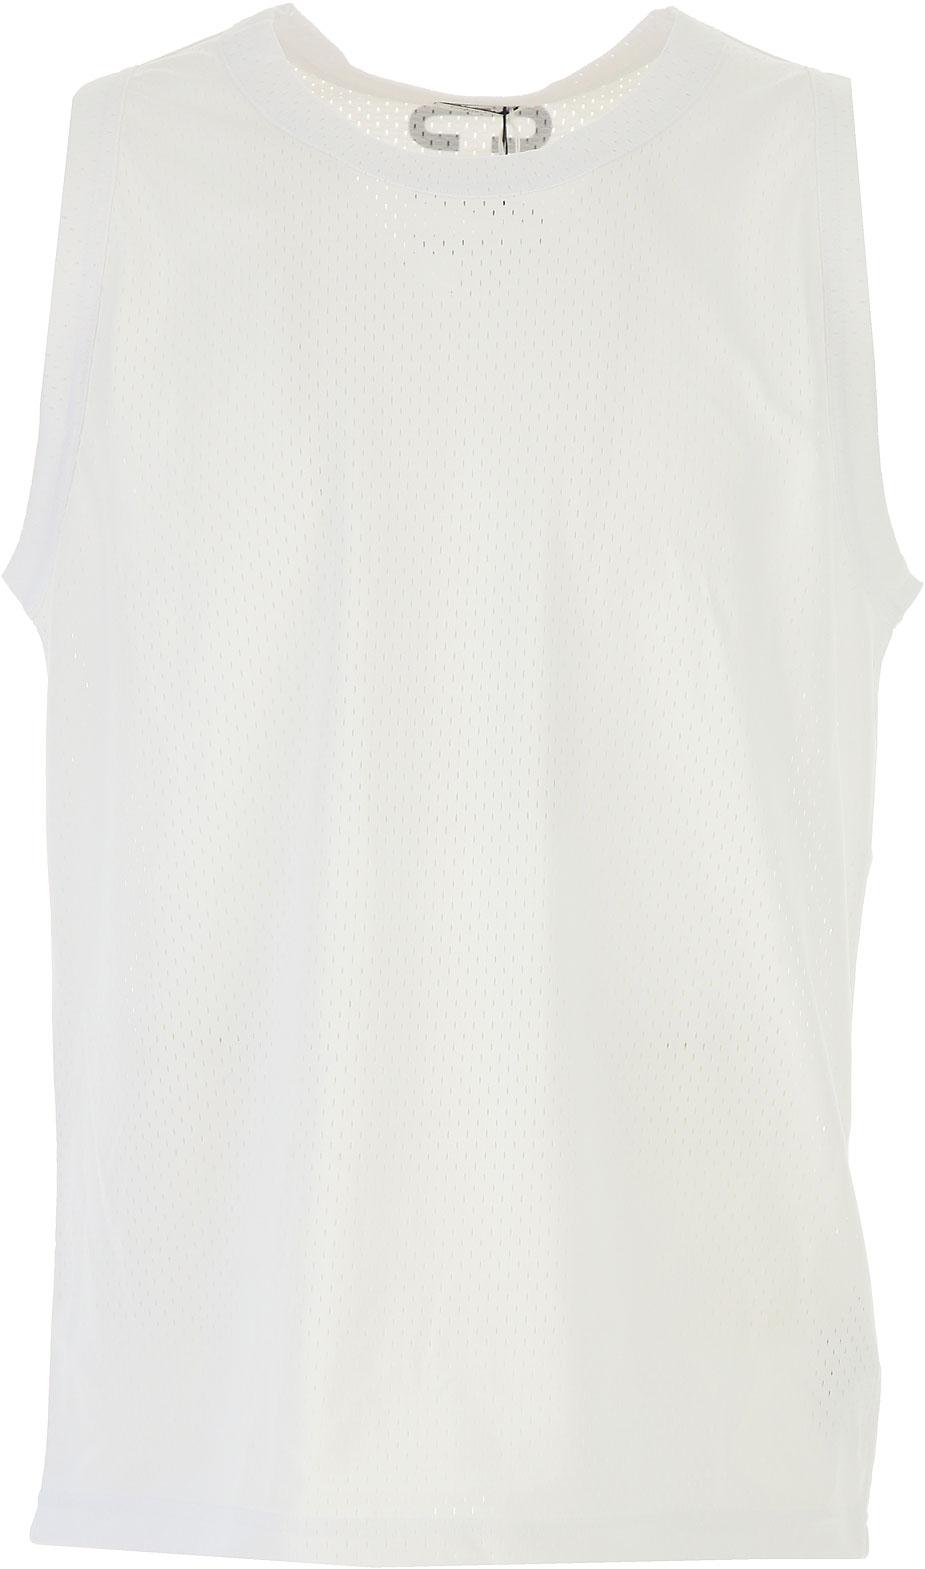 Moda Mare Uomo Calvin Klein, Codice Articolo: km0km00203-100-